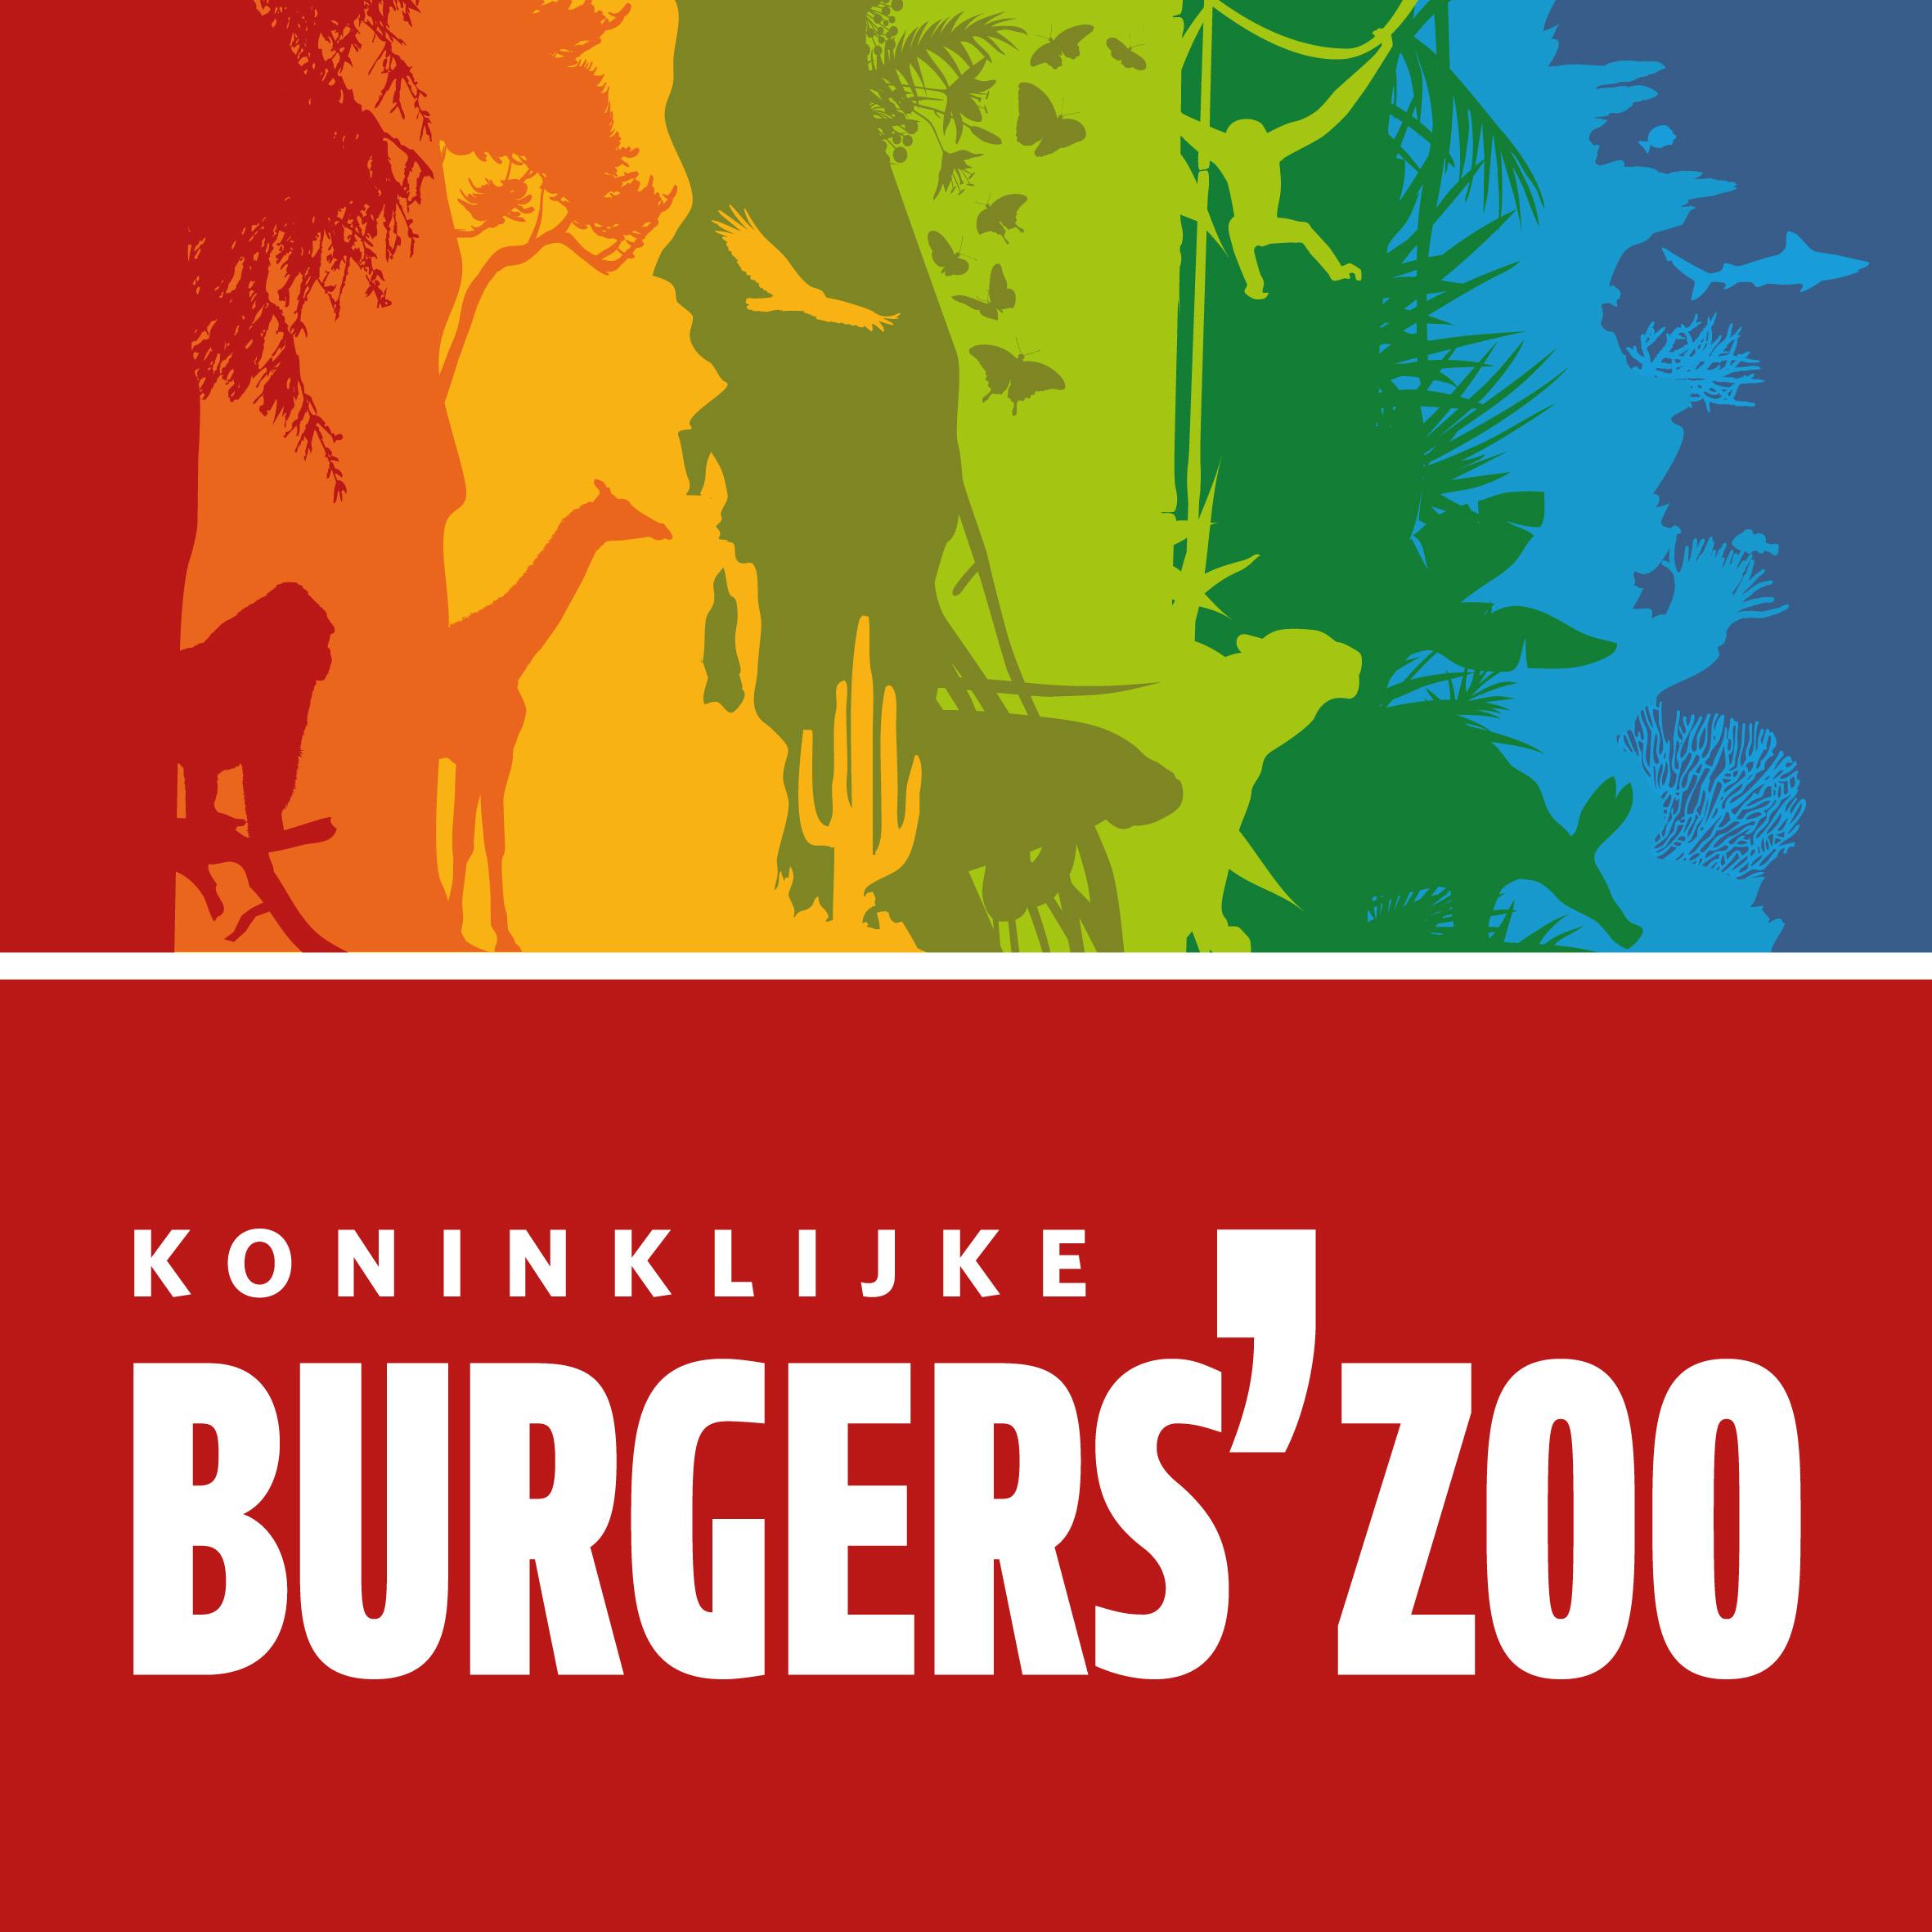 Burgers zoo - Duik in 8 miljoen liter water, ga op avontuur in de overdekte jungle en bewonder de gieren in de woestijn! Beleef 45 hectare dierenpark in Burgers' Zoo! Burgers' Zoo onderscheidt zich van andere dierenparken door zijn ecodisplays, waar grootschalig natuurlijke leefomgevingen zijn nagebouwd waar de bezoeker samen met de natuur en dier onderdeel van uitmaakt.www.burgerszoo.nl